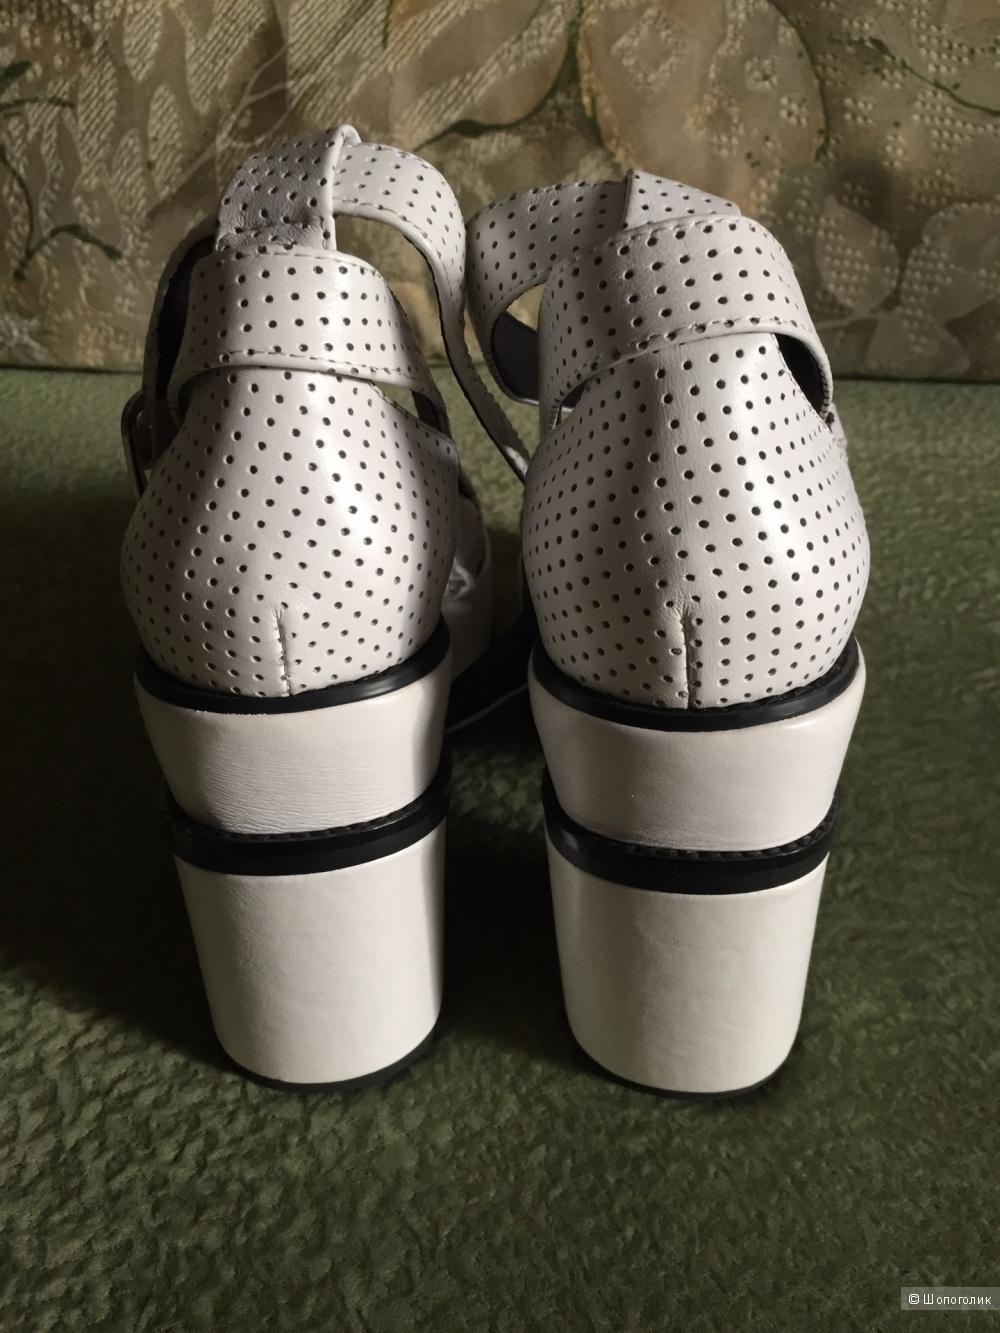 Новые ультрамодные белые босоножки Yes оригинал нат.кожа на 36-37